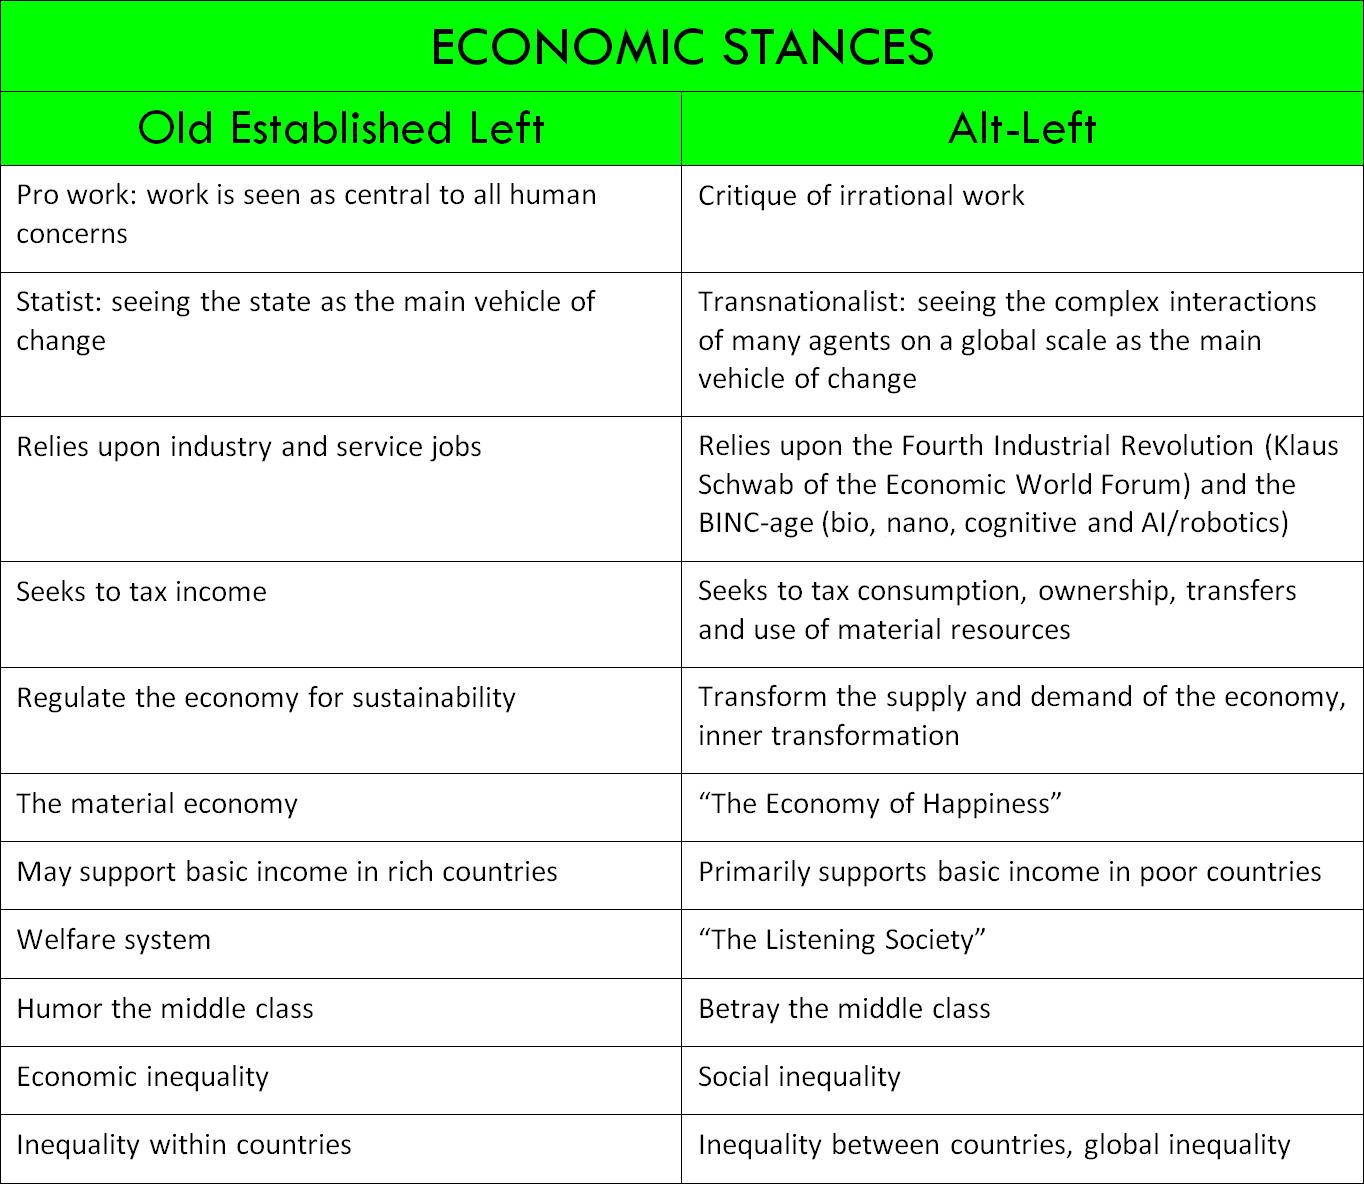 Alt-Left economy